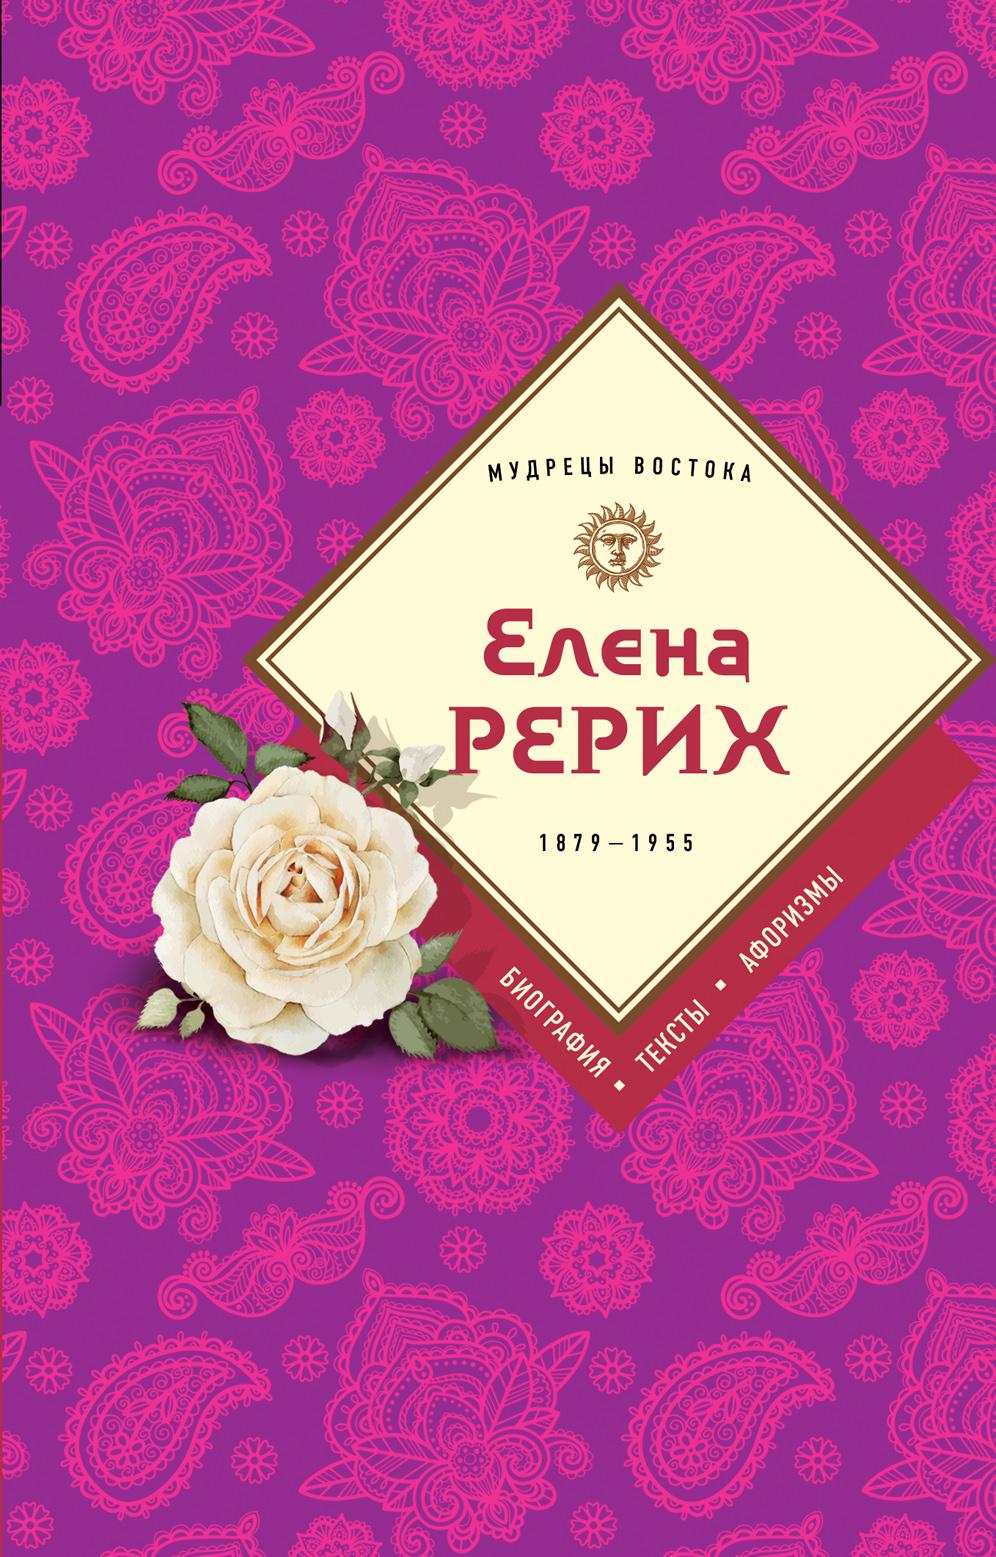 Елена Рерих. 1859-1955. Биография. Тексты. Афоризмы